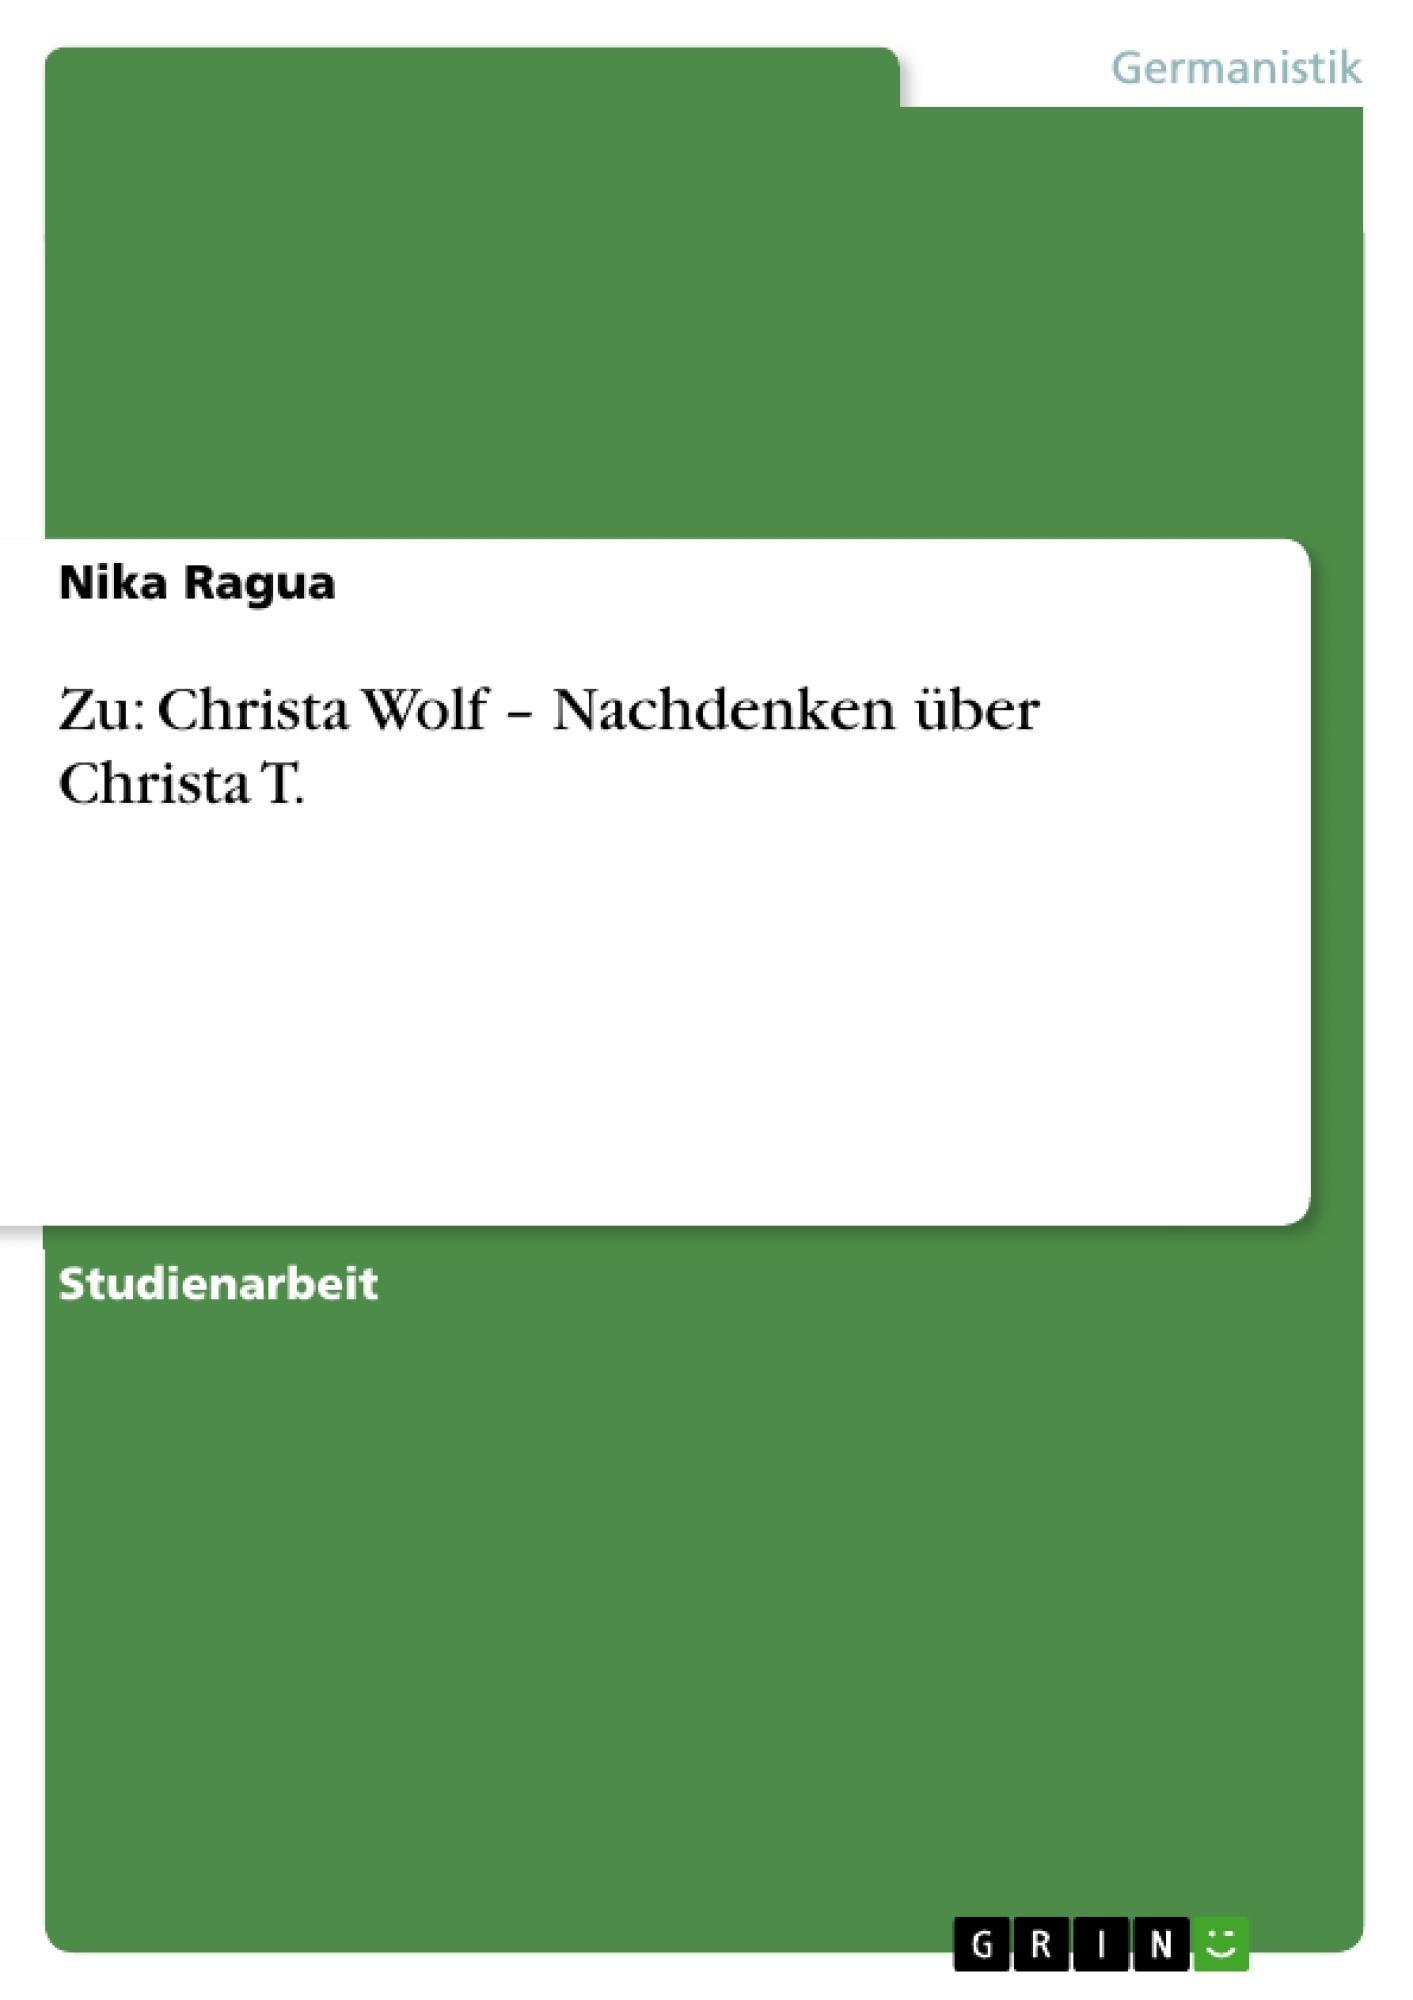 Titel: Zu: Christa Wolf – Nachdenken über Christa T.